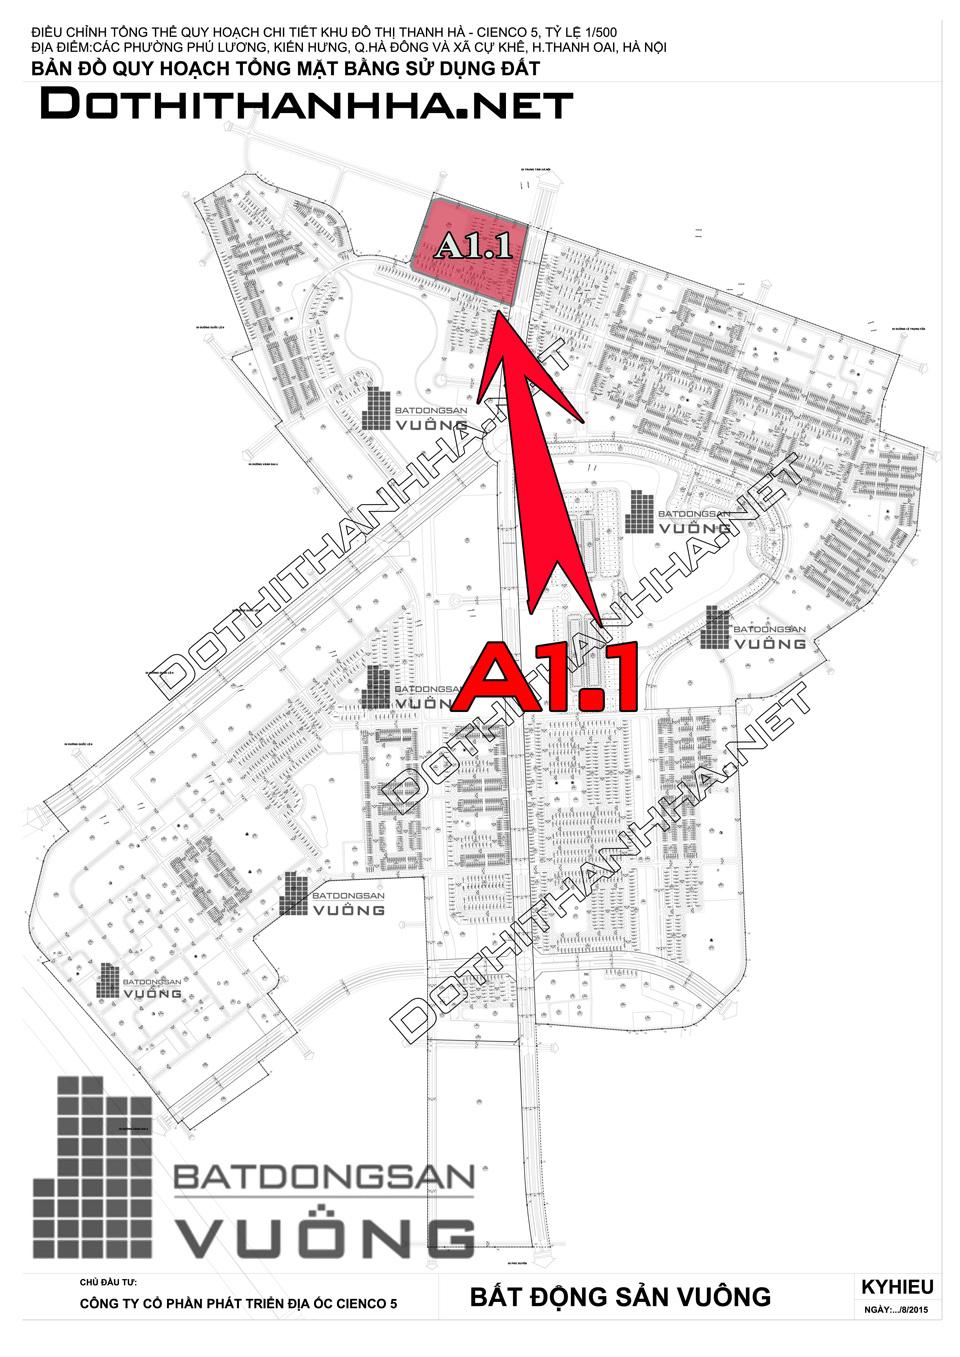 Bán Liền kề phân khu A1.1 lô BT06, mặt đường 25m, hướng nhà Tây - Nam, Khu Đô Thị Thanh Hà Cienco 5 - Mường Thanh [#H1292.1104]